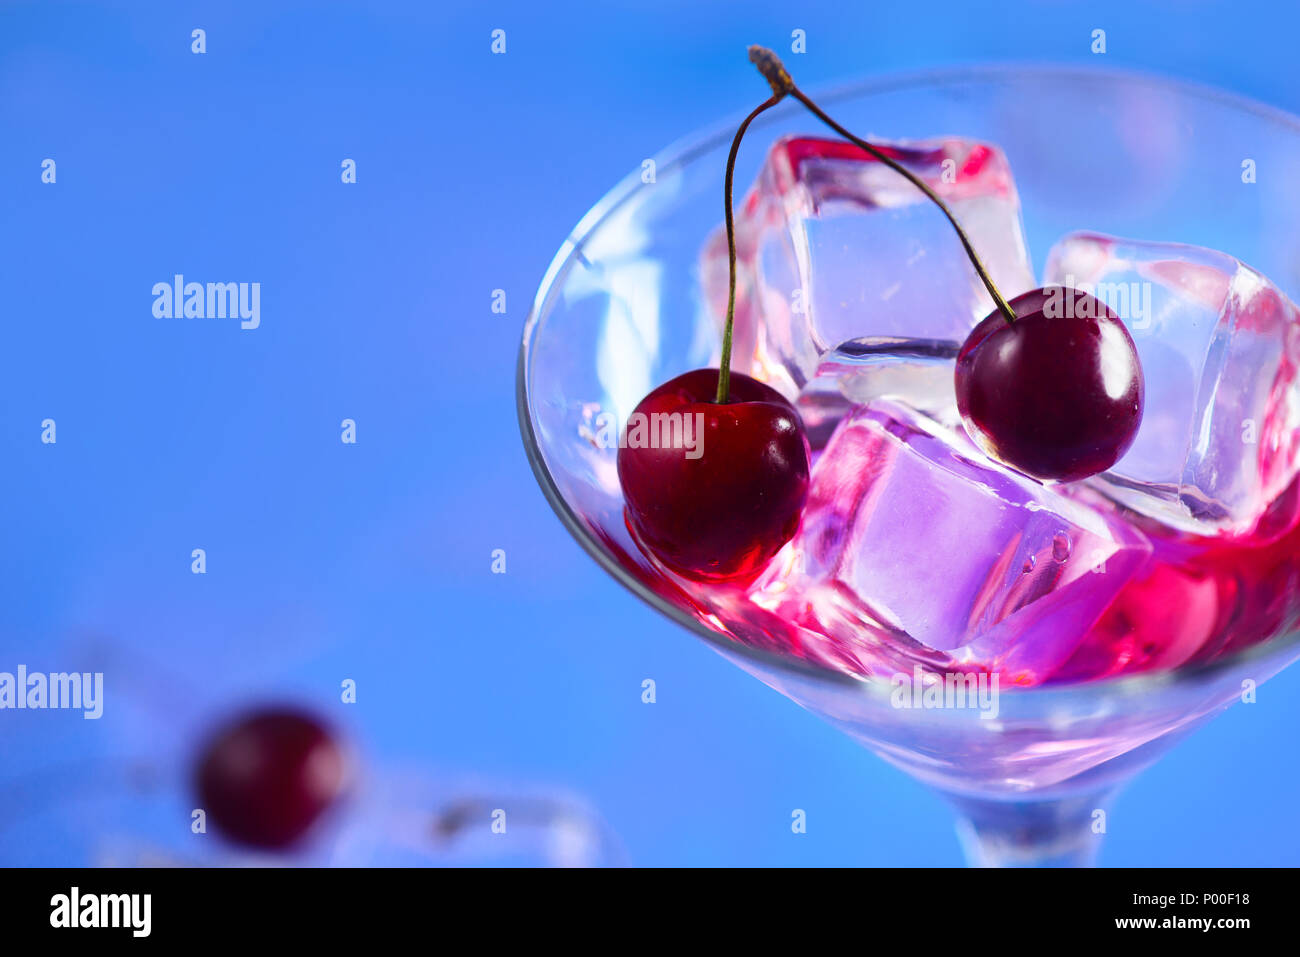 Cherry cocktail Close-up. Martini Glas mit Eiswürfeln und Kirschen auf einem blauen Hintergrund mit kopieren. Heißer Sommertag Erfrischung Konzept Stockbild